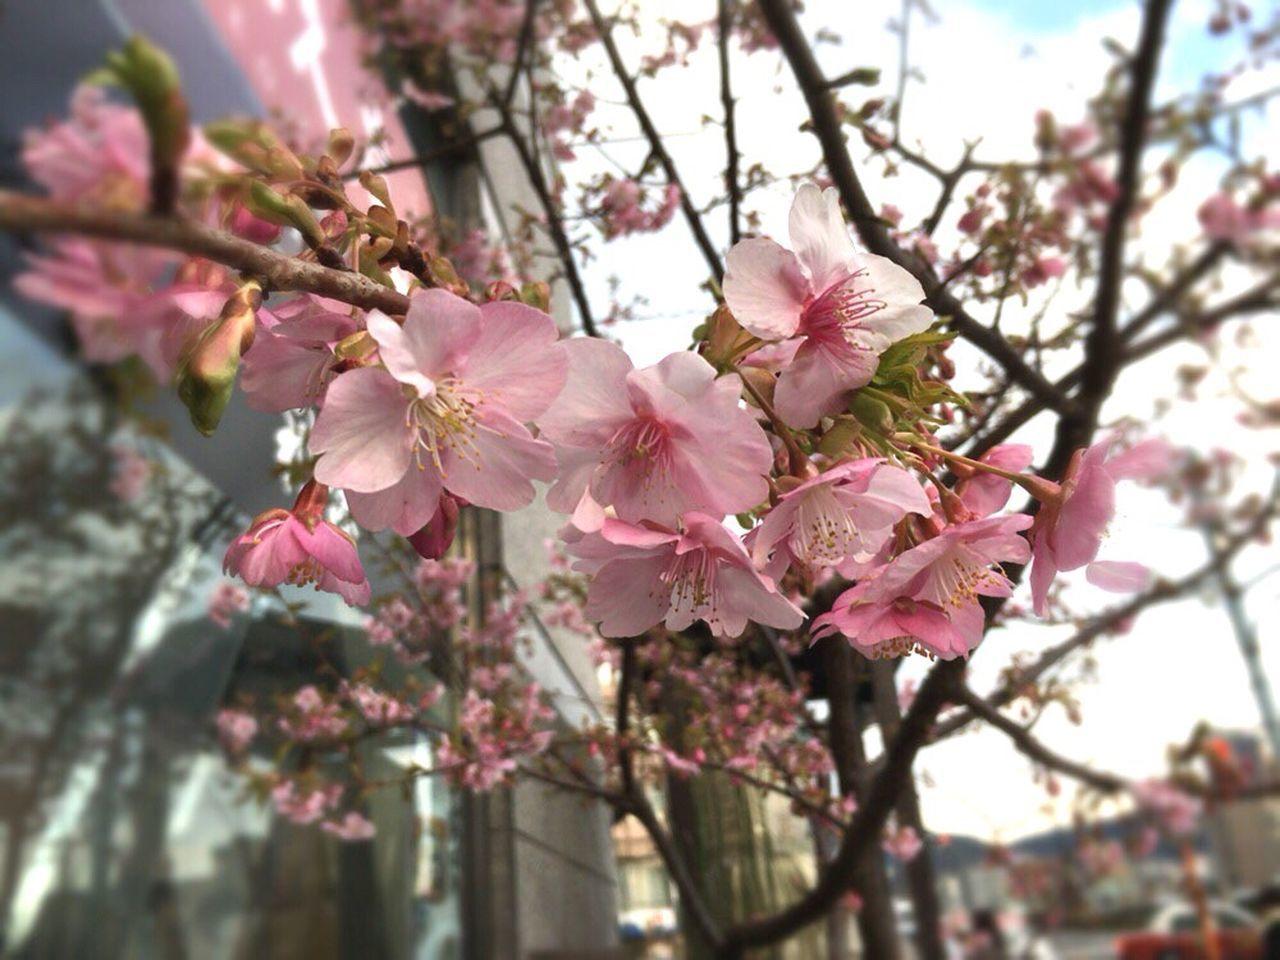 Kyoto City February Sakura February Cherry Blossoms Kyoto Sakura 2017 Kyoto Sakura Kyoto Spling Kyoto,japan Cherry Blossoms Cherry Blossom Kyoto Cherry Blossom Sakura 2017 Kyoto Spling Flower Kyoto, Japan